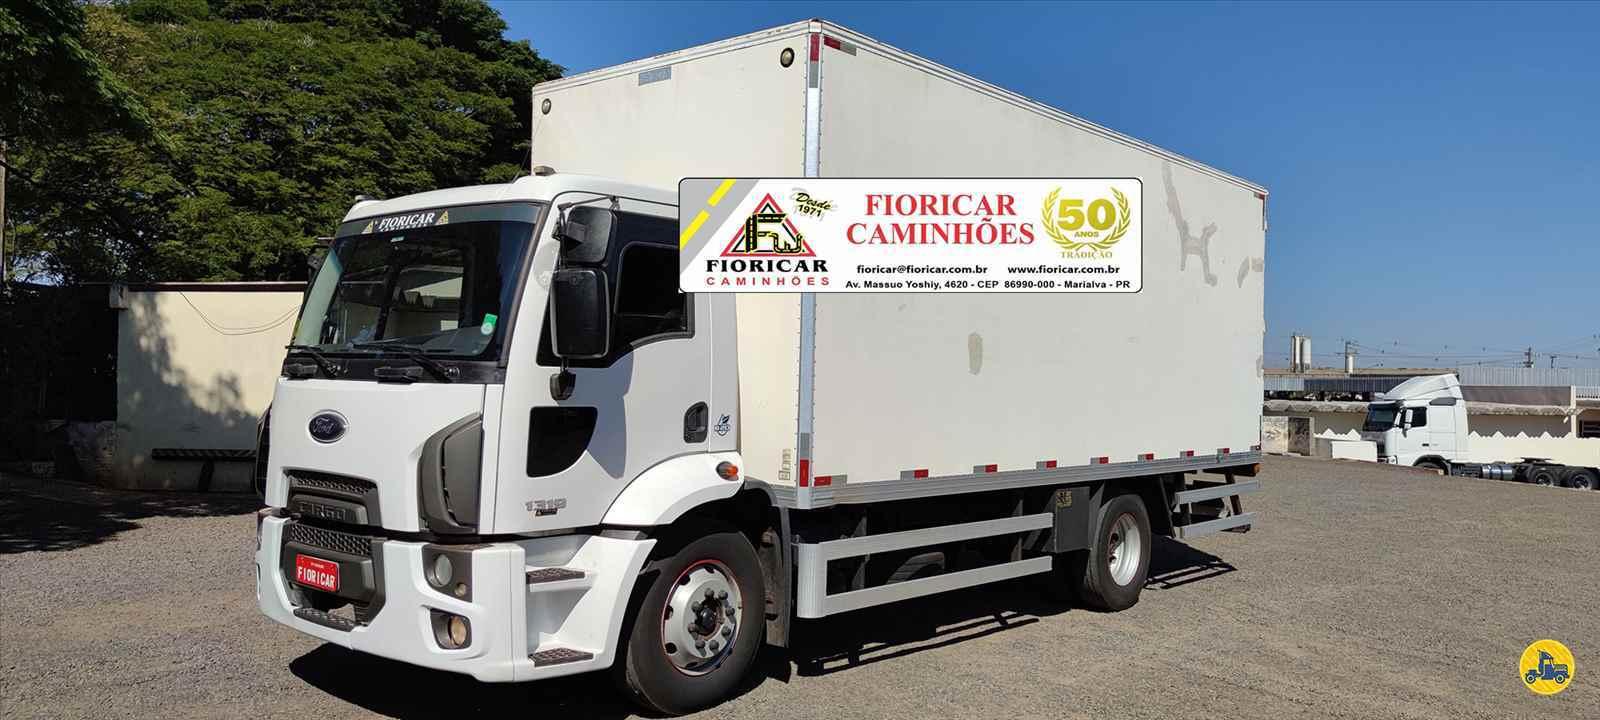 CAMINHAO FORD CARGO 1319 Baú Furgão Toco 4x2 Fioricar Caminhões MARIALVA PARANÁ PR